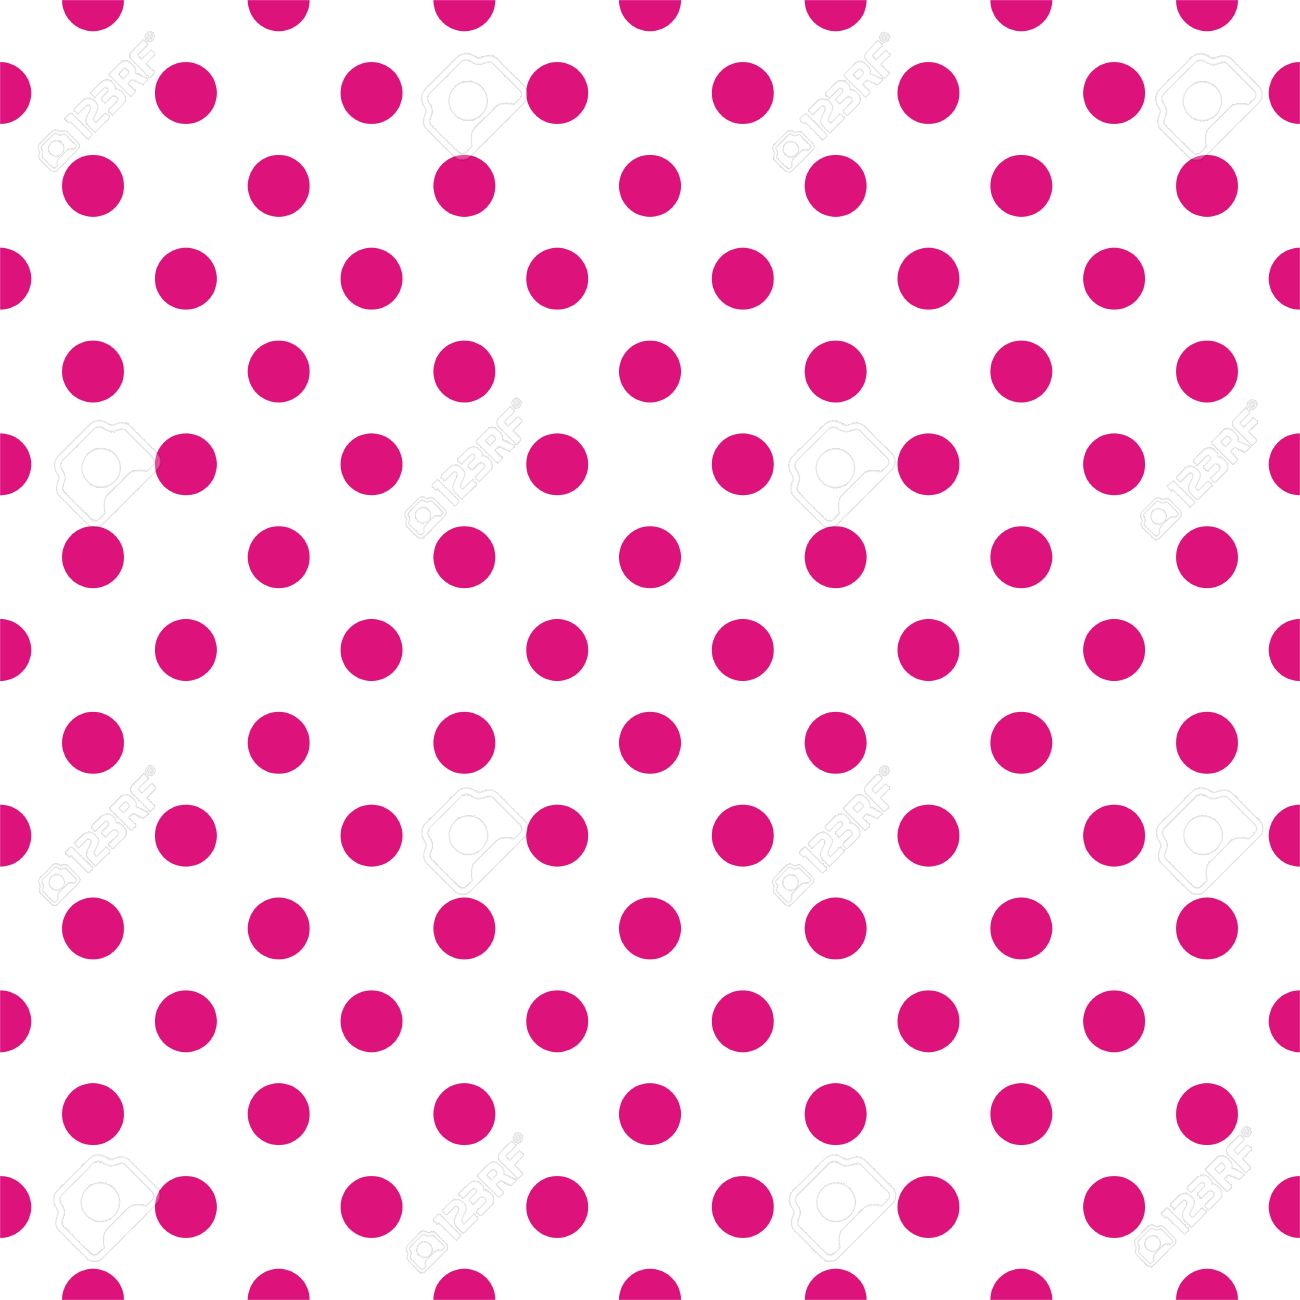 Pink Polka Dot Patterns with dark pink polka dots